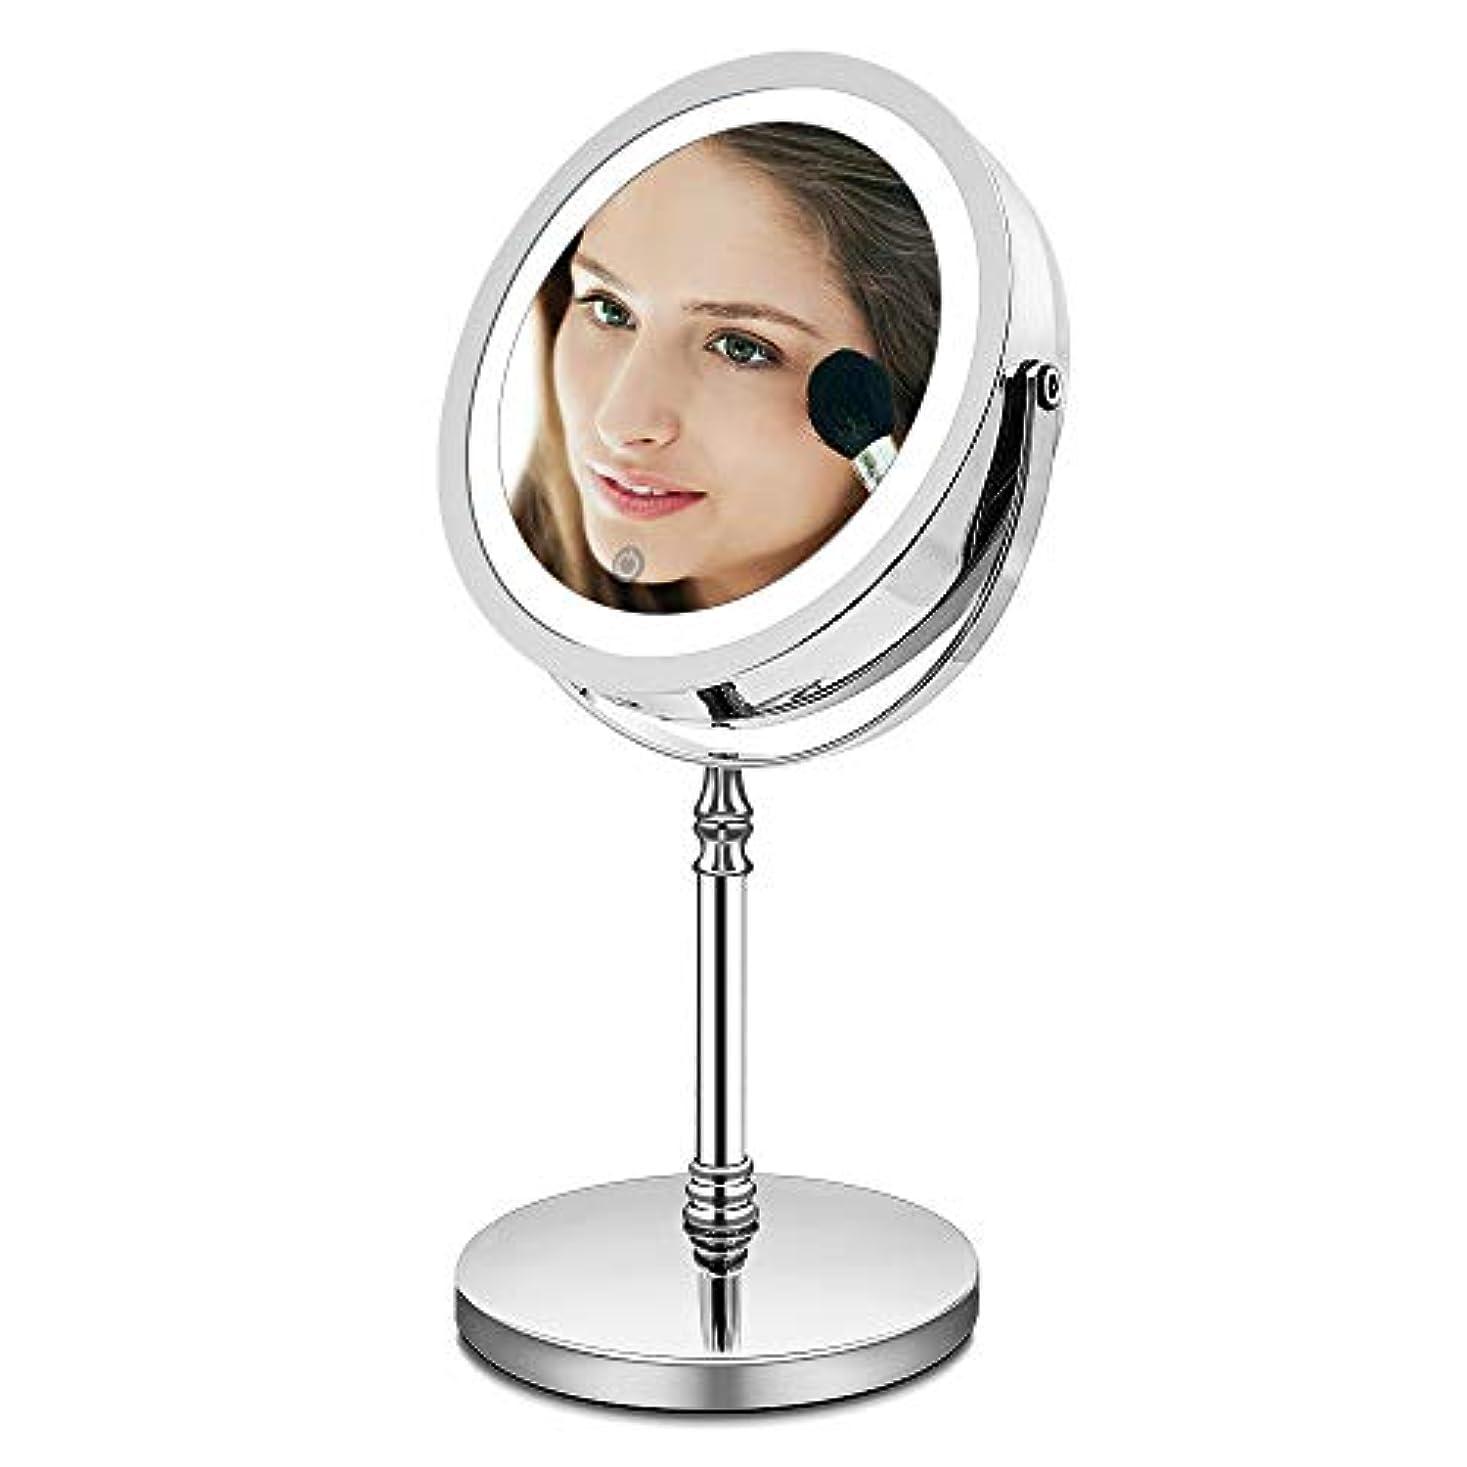 適合しましたおしゃれなスケジュールAMZTOLIFE 10倍拡大鏡+等倍鏡 化粧鏡 ライト付き 卓上鏡 ミラー 鏡 化粧ミラー メイクアップミラー スタンドミラー 360度回転 明るさ調節 日本語取扱説明書付き (タイチー)